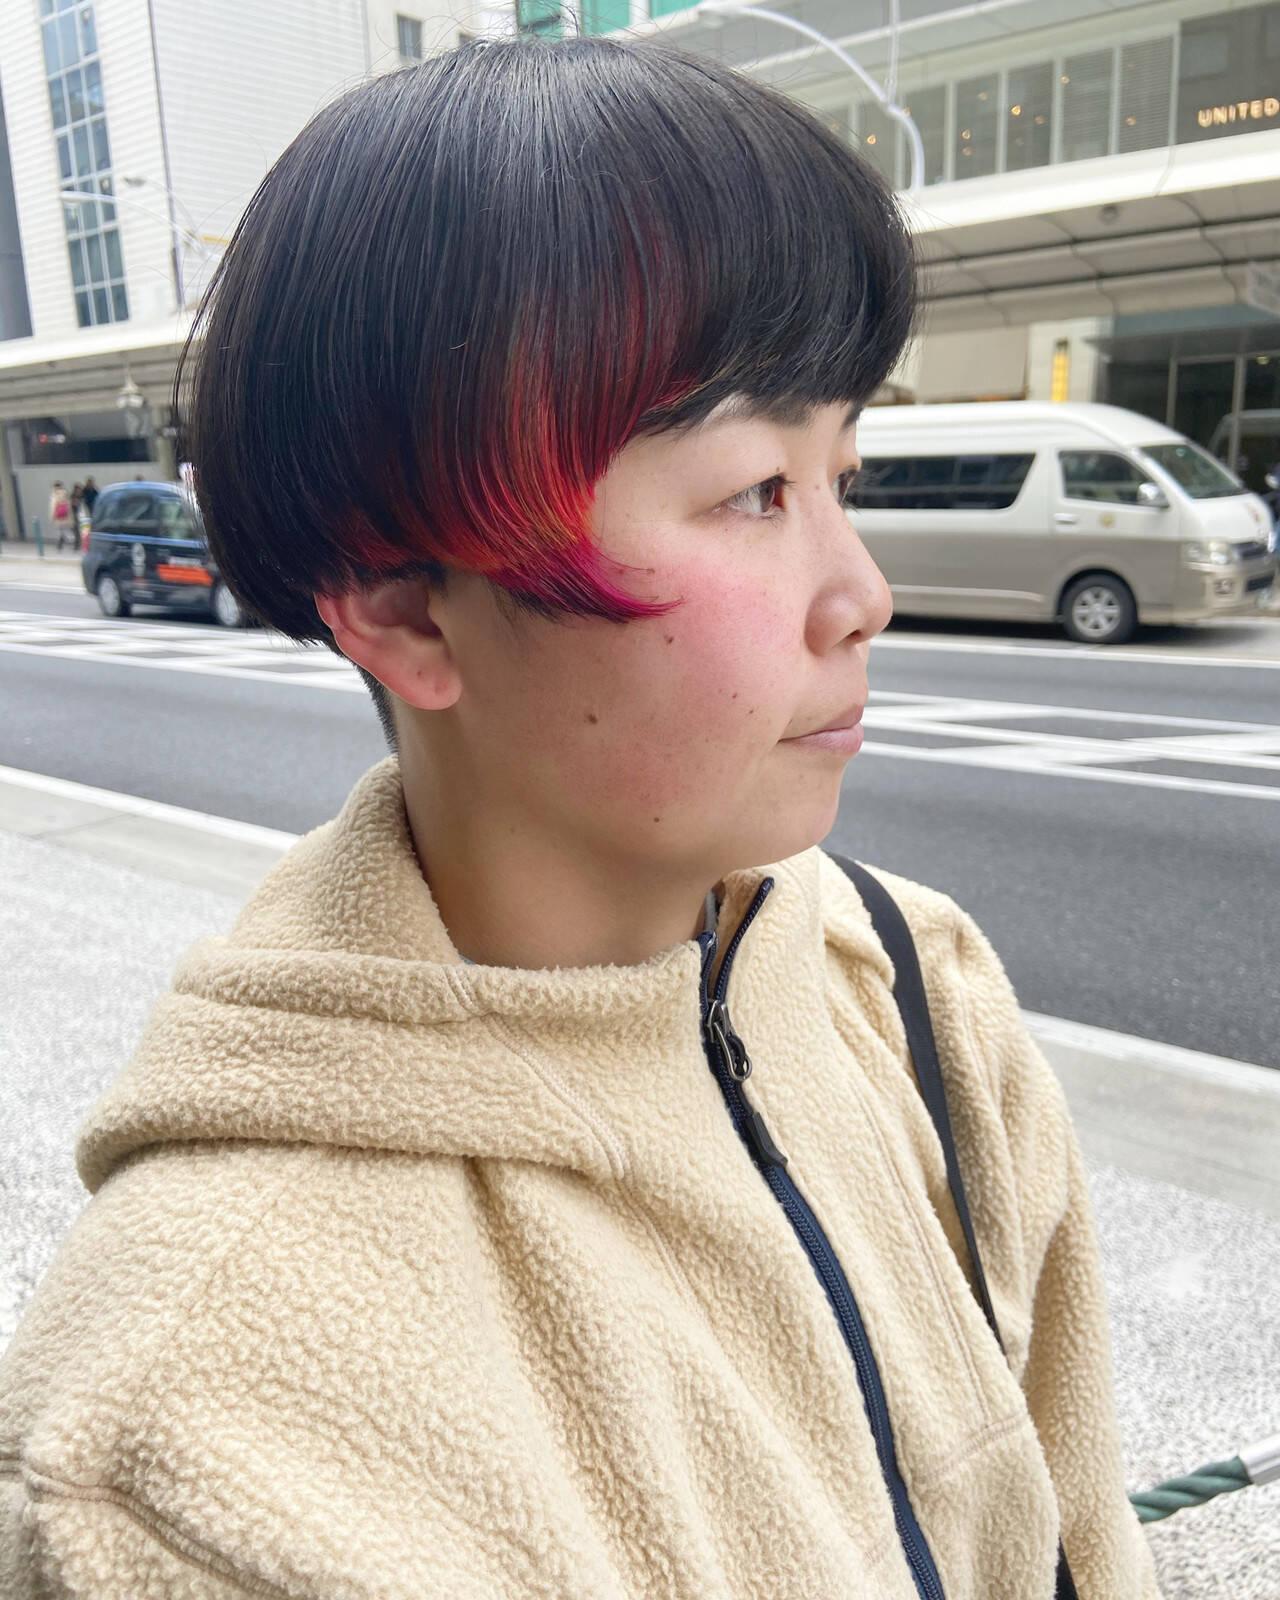 マッシュMIX ベリーピンク インナーカラーバイオレット ショートヘアスタイルや髪型の写真・画像